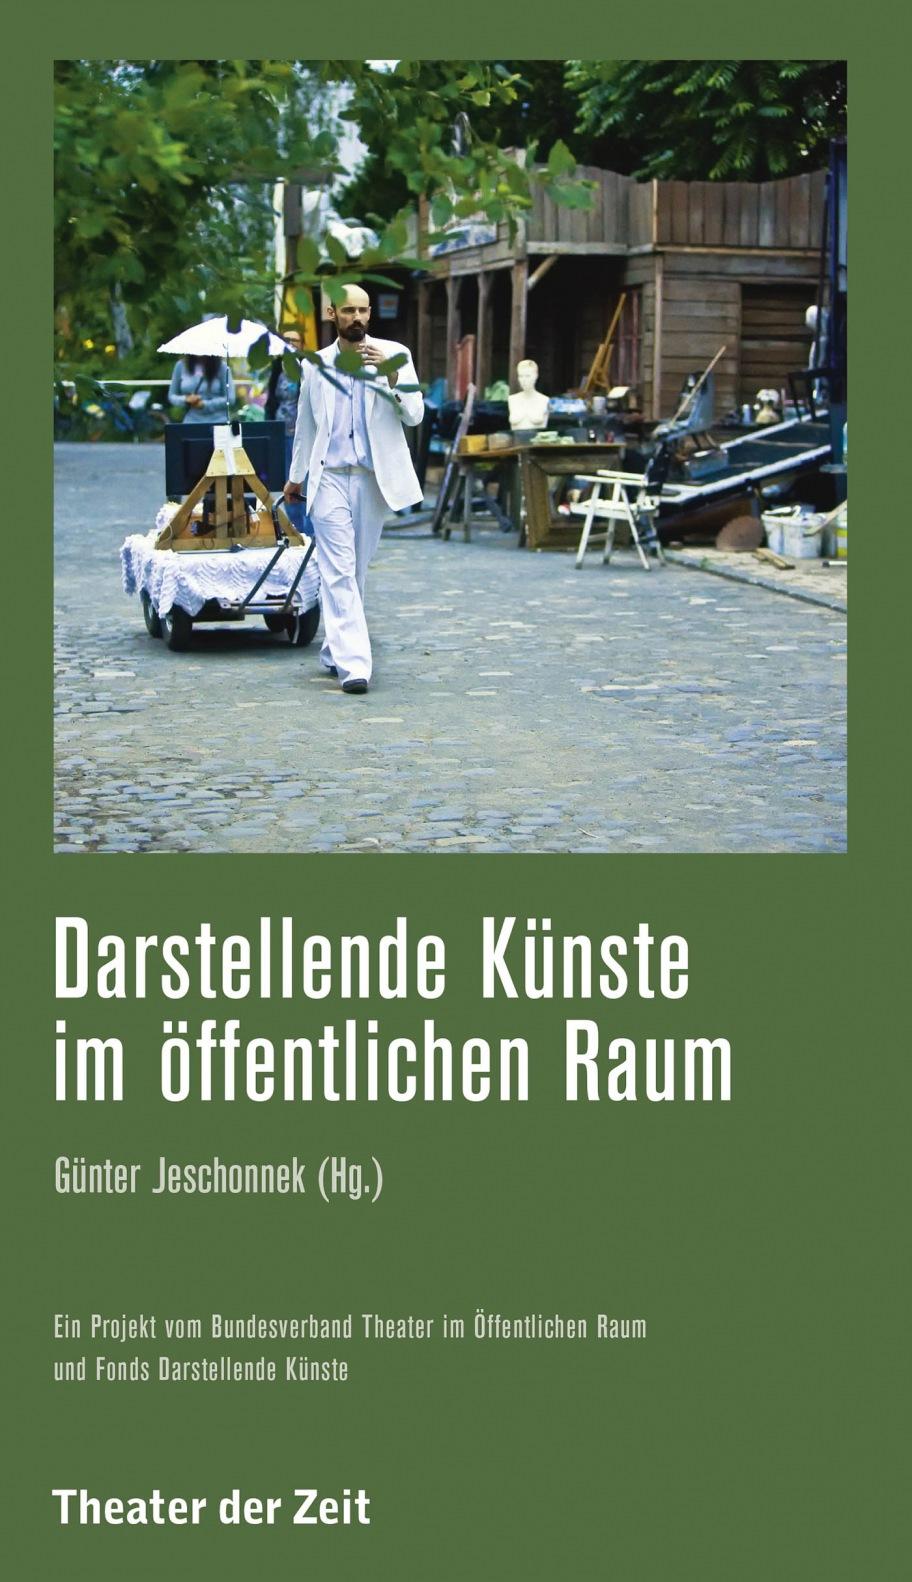 Günter Jeschonnek: Darstellende Künste im öffentlichen Raum